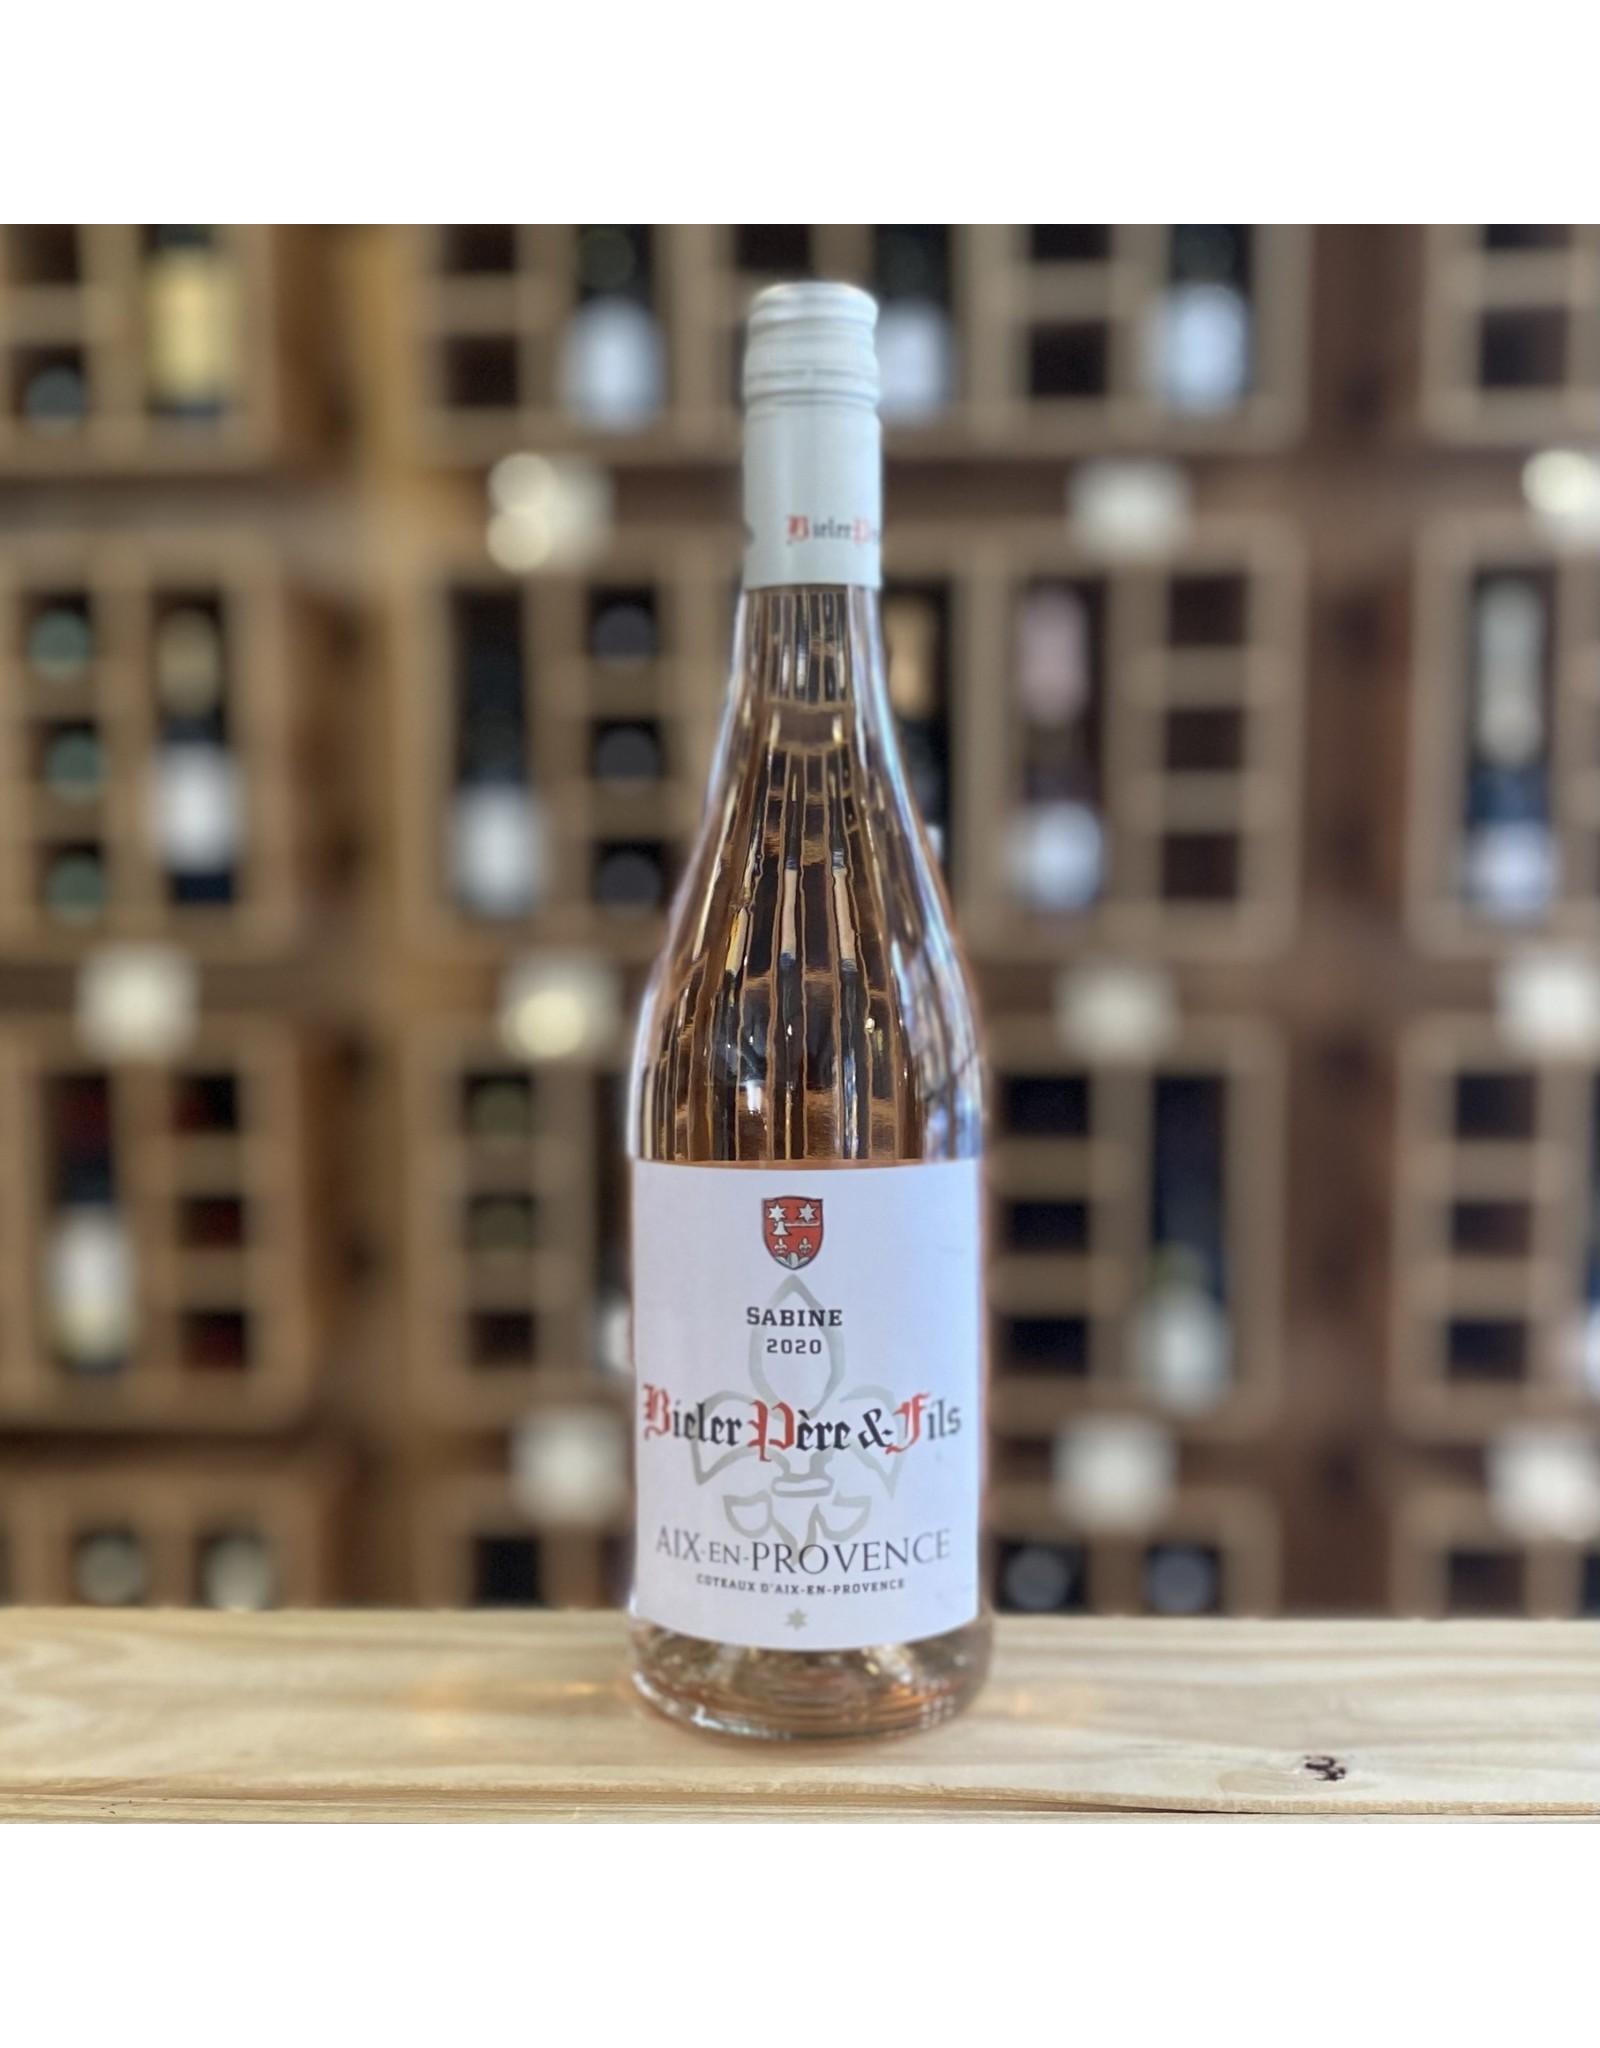 Rose Bieler Pere et Fils ''Sabine'' Rose 2020 - Coteaux d'Aix-En-Provence, France